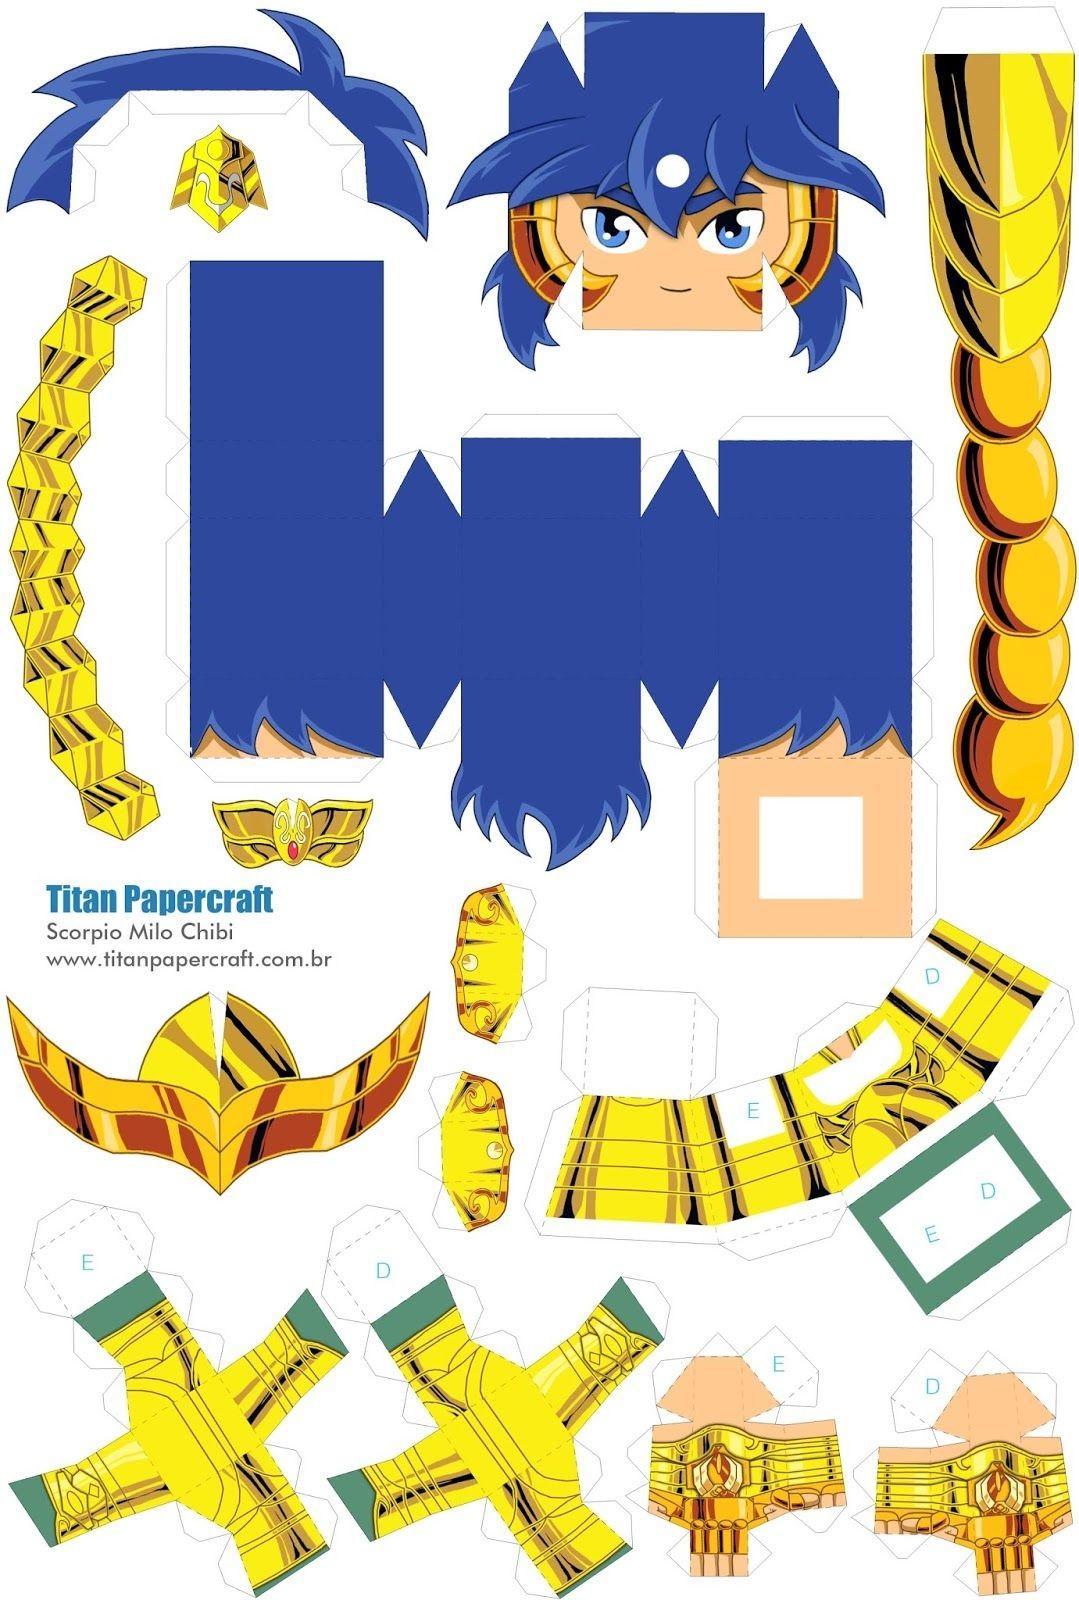 Creative Park Papercraft Monte E Colecione Papercraft De Seus Personagens Preferidos